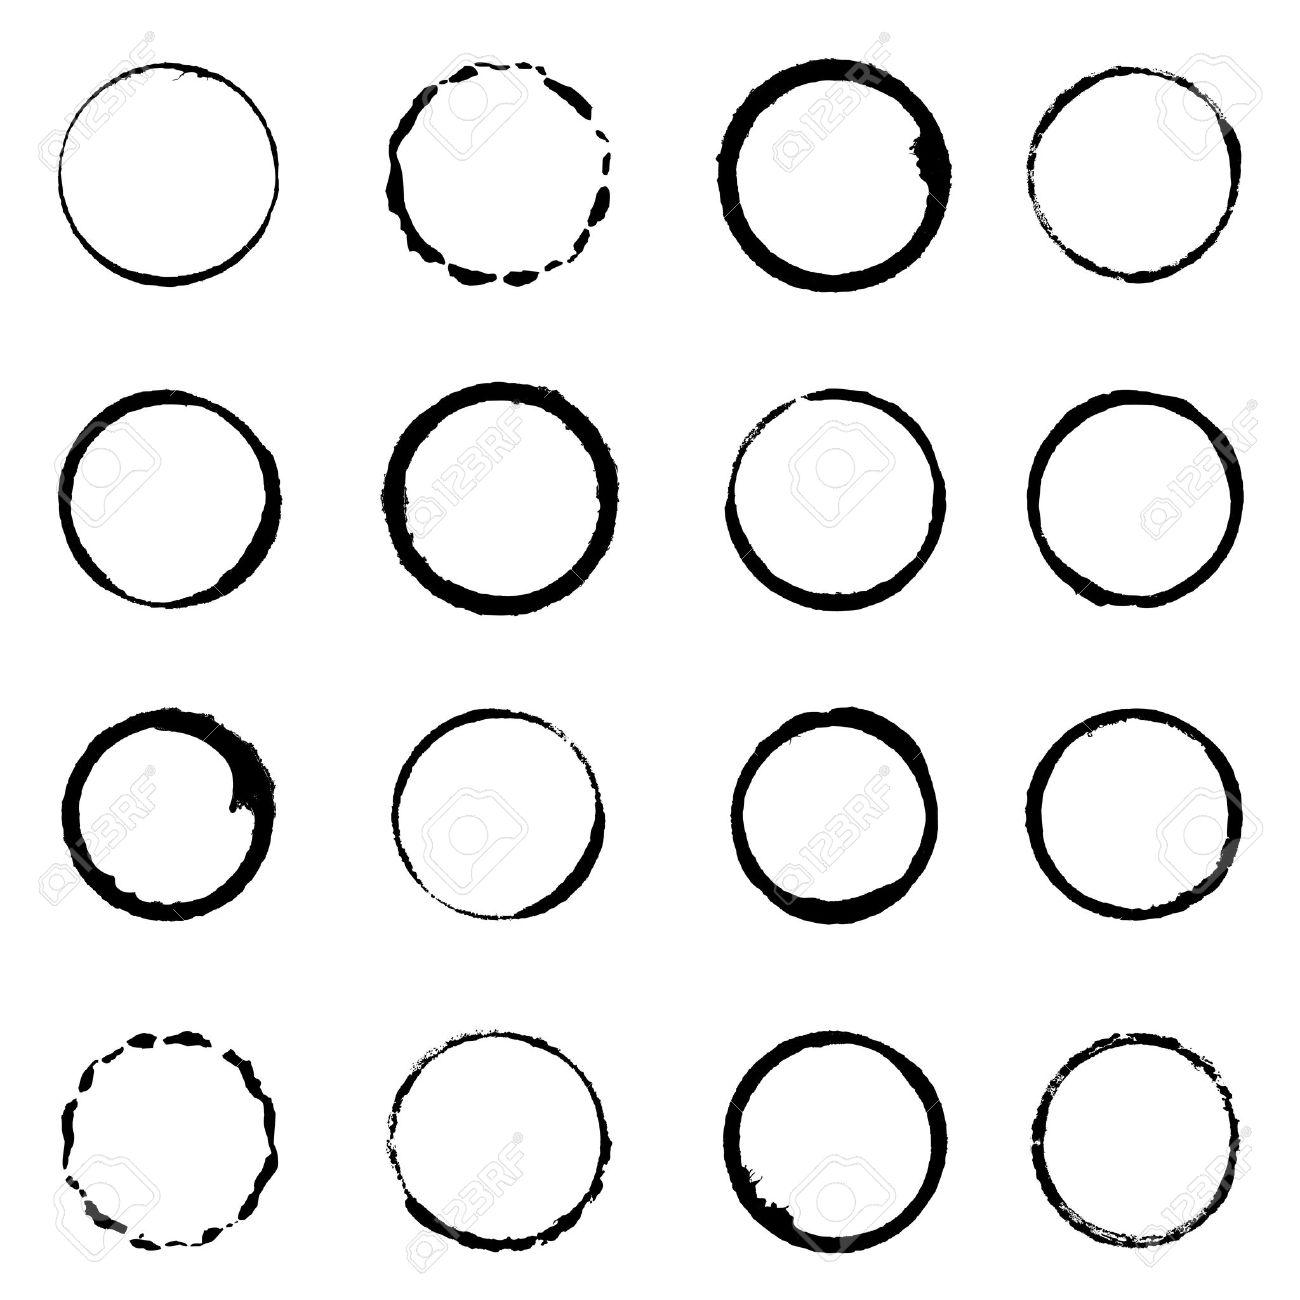 set grunge circle brush strokes for frames Stock Vector - 21294458